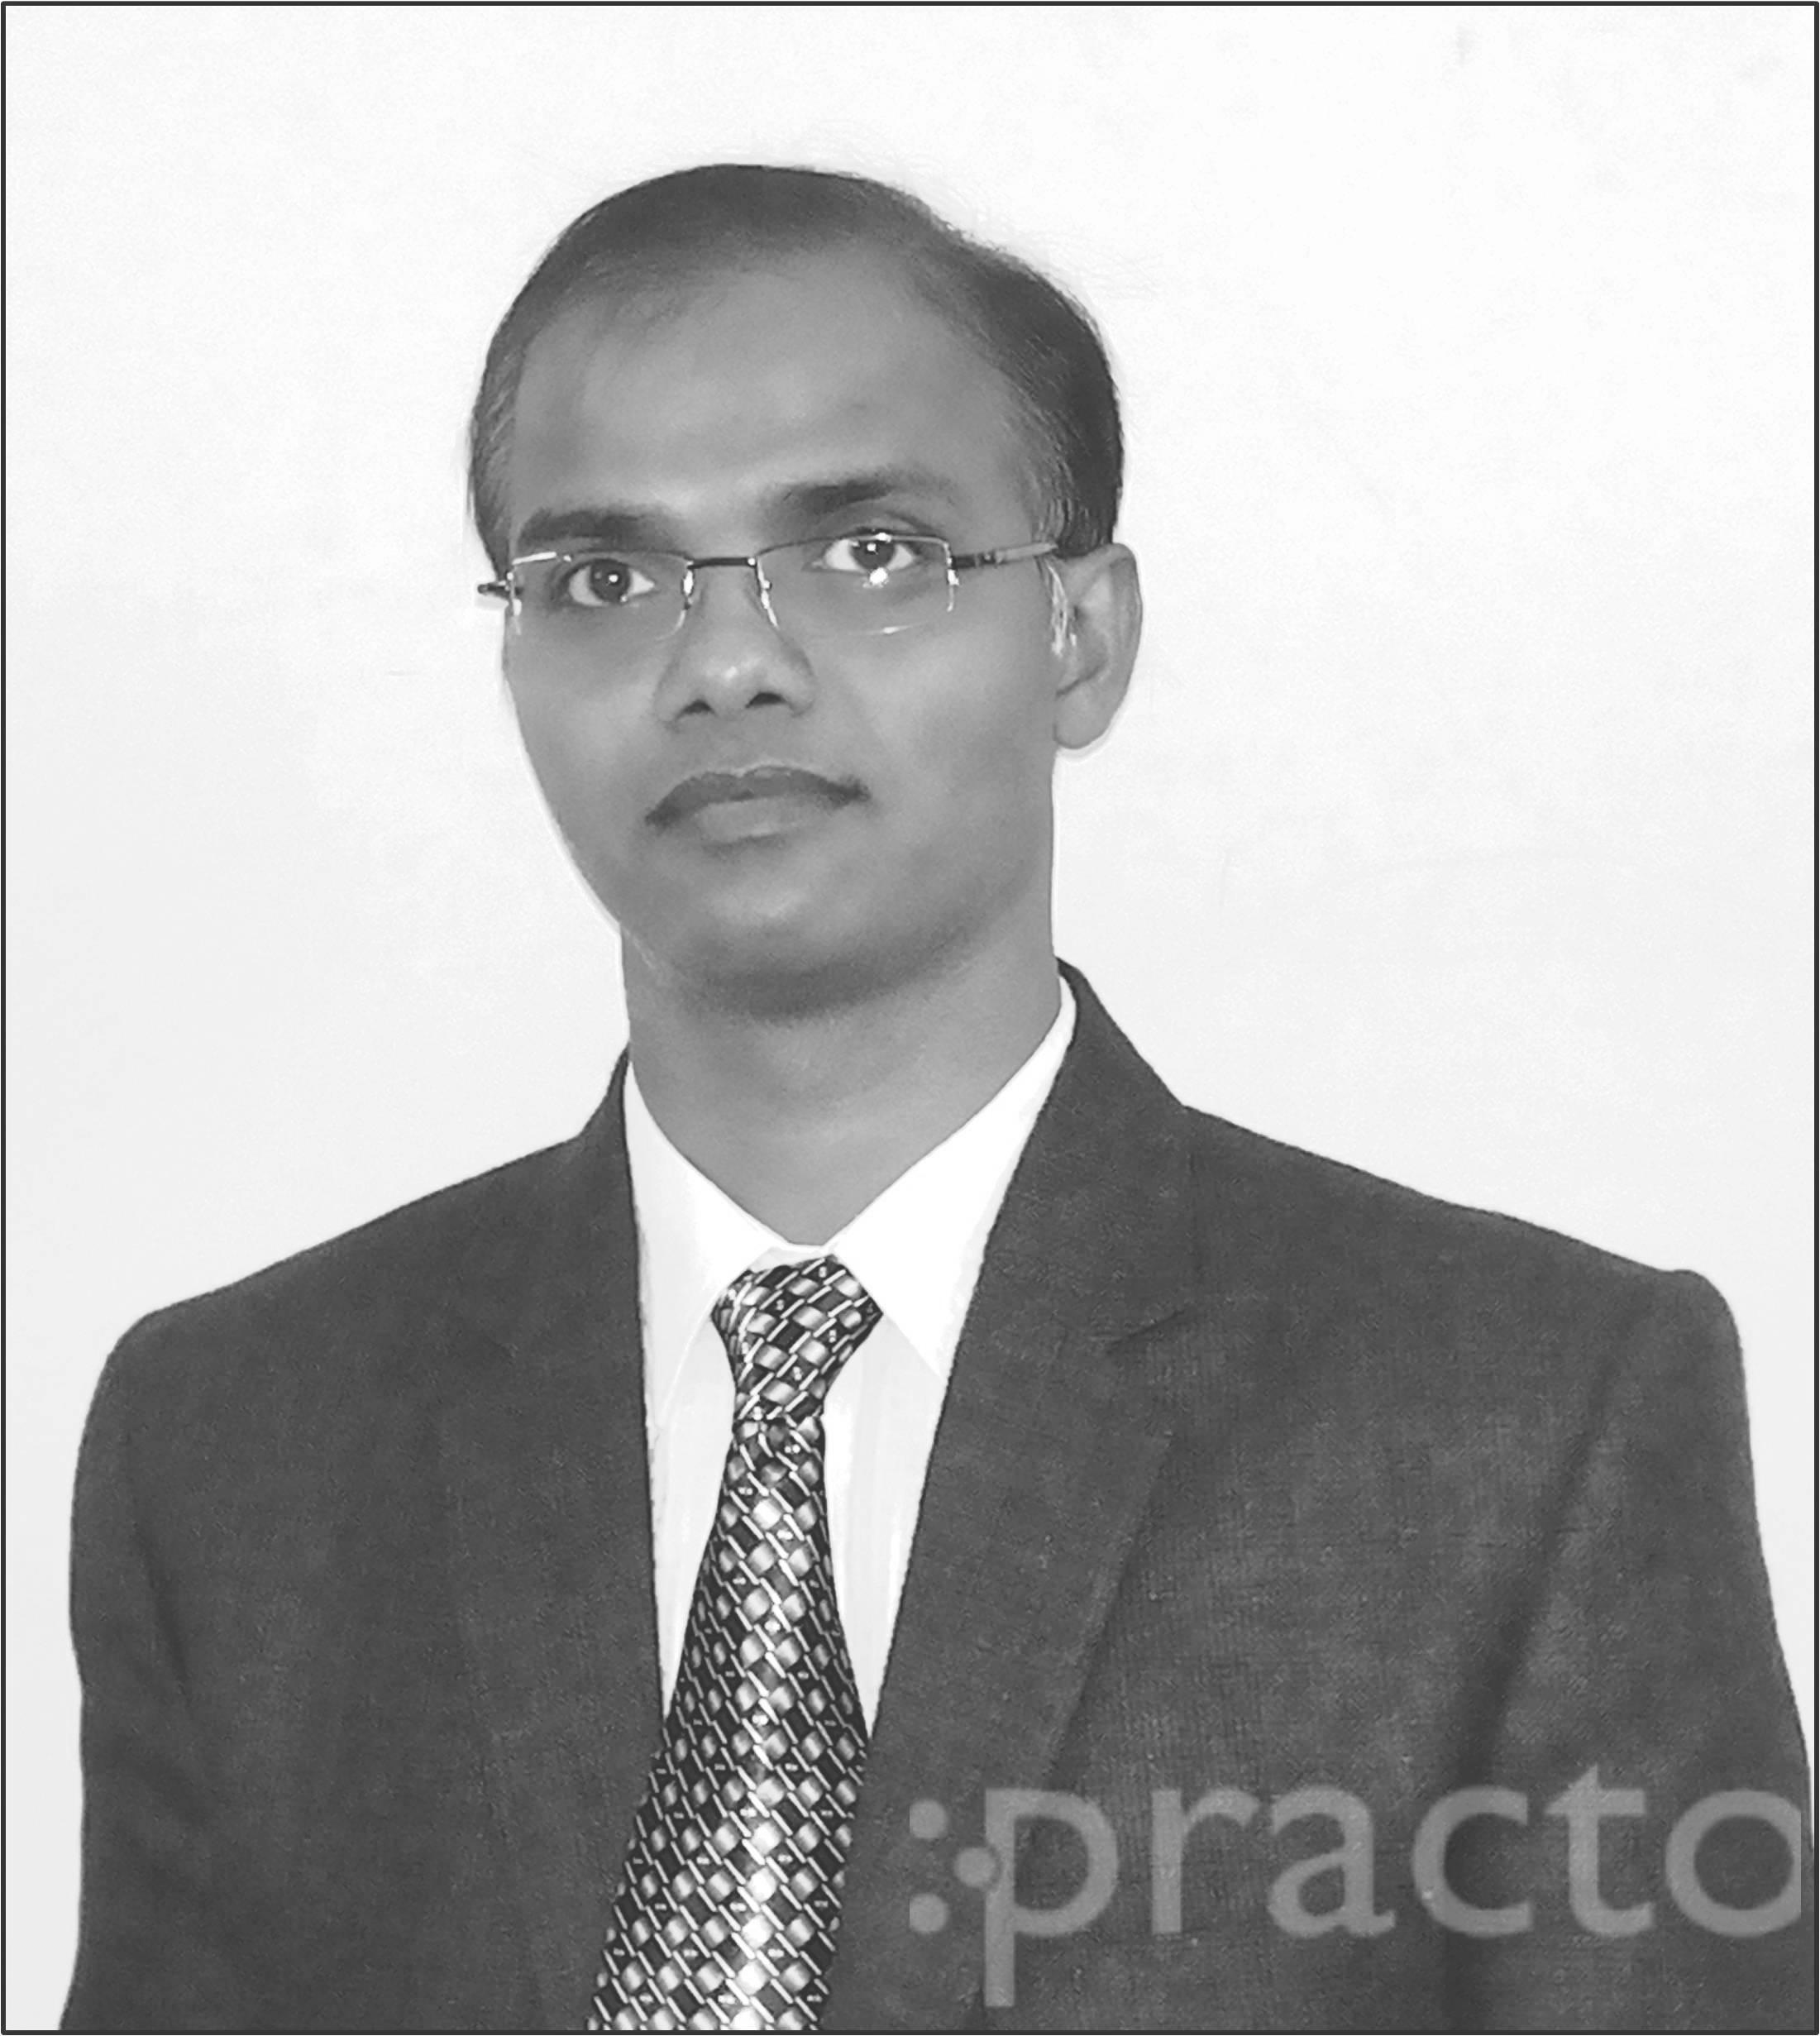 Dr. Rana Pratap Maurya - Dentist